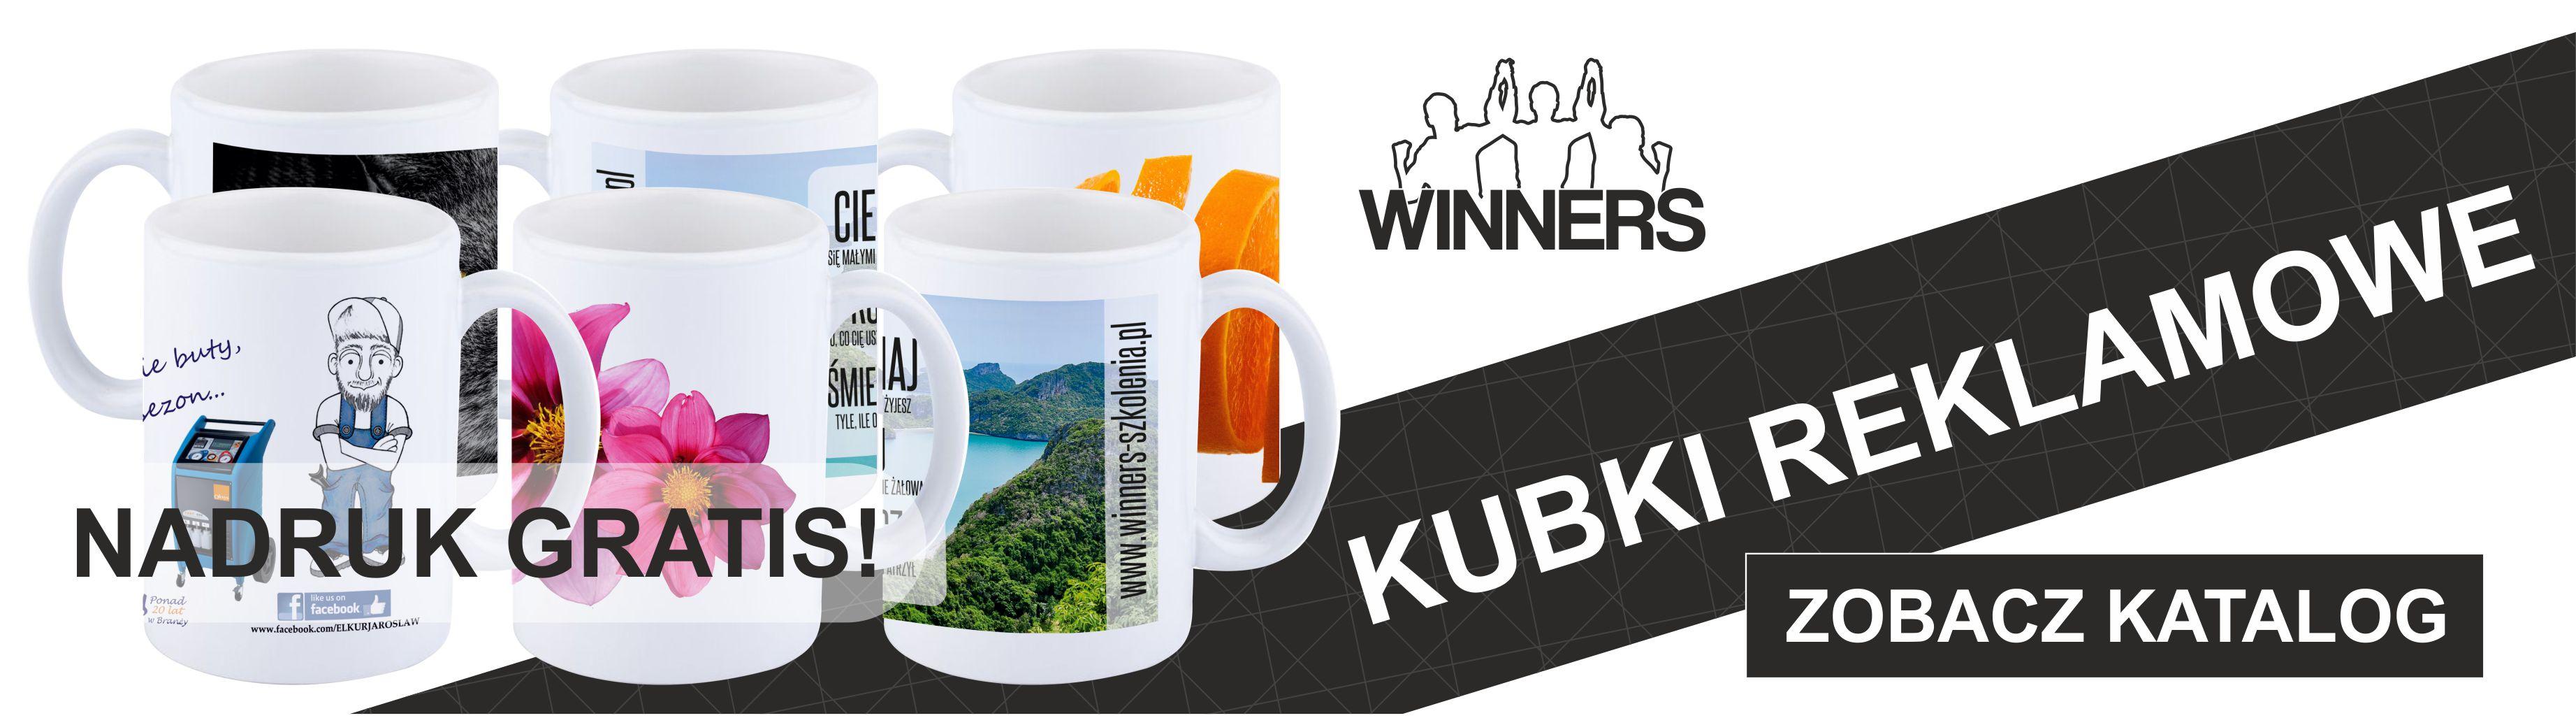 baner strona winners_kubki